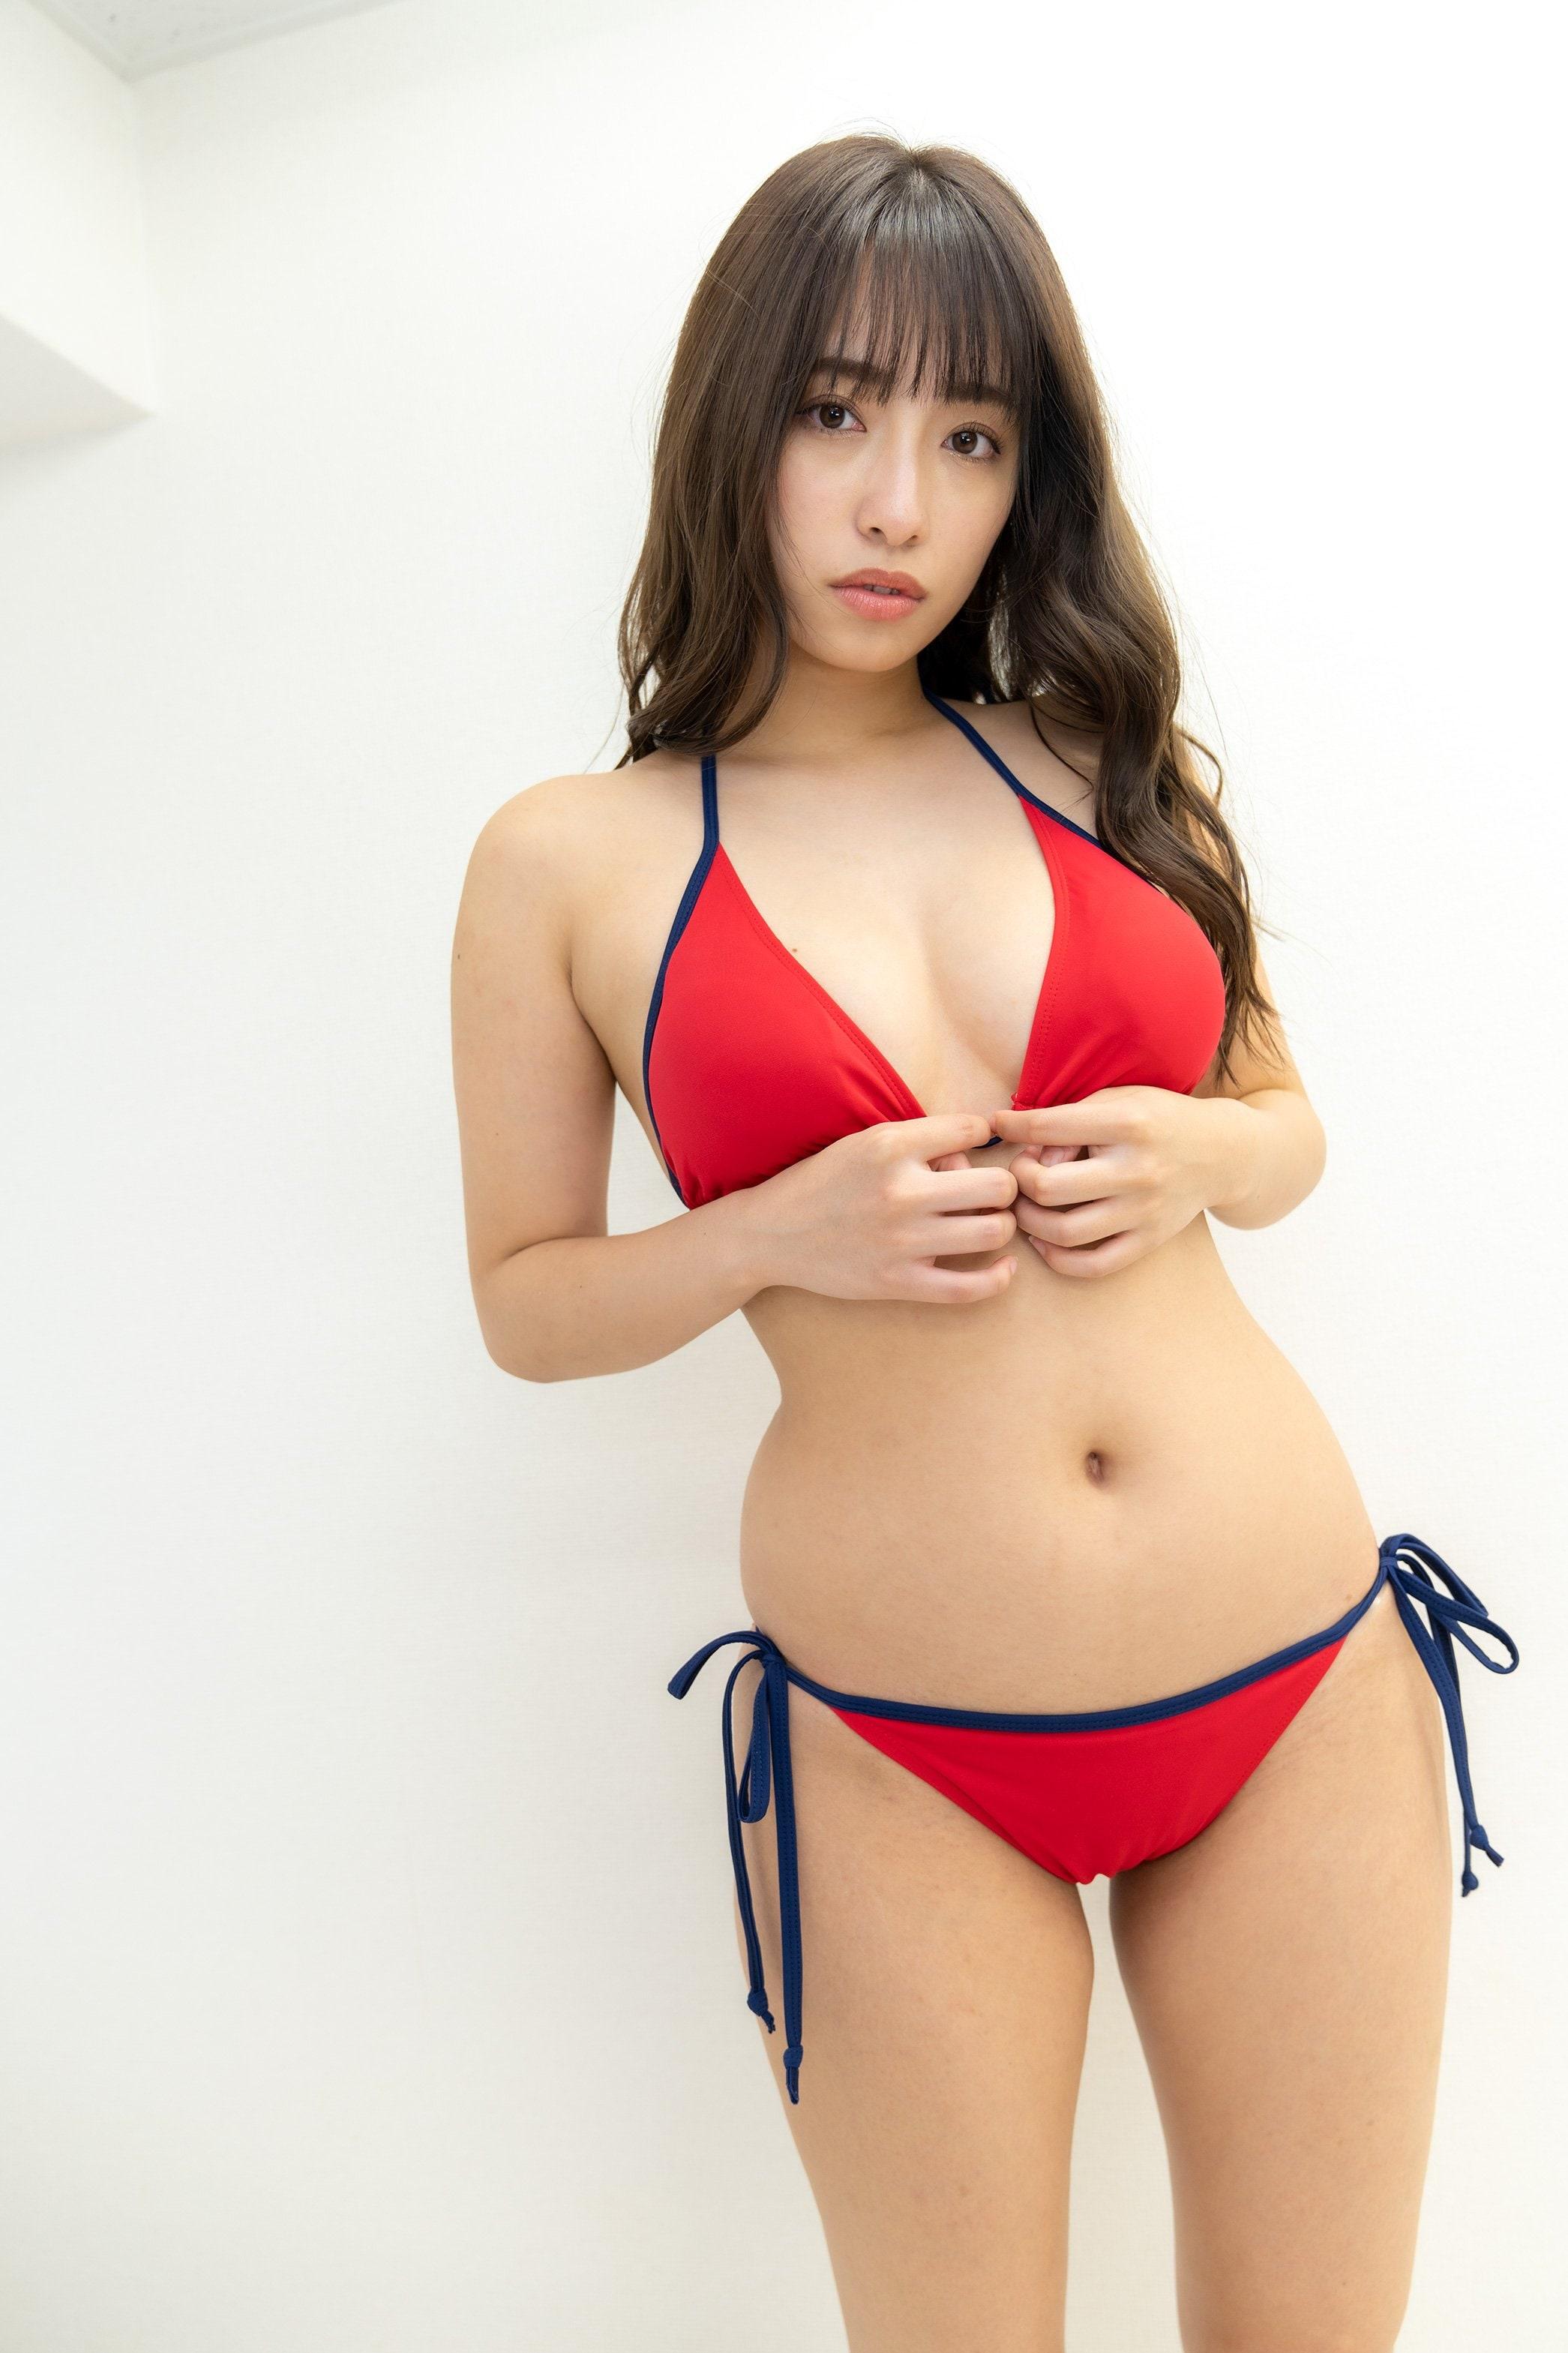 【高梨瑞樹】東京Lily×EXwebコラボ企画 優秀作品発表【画像8枚】の画像005